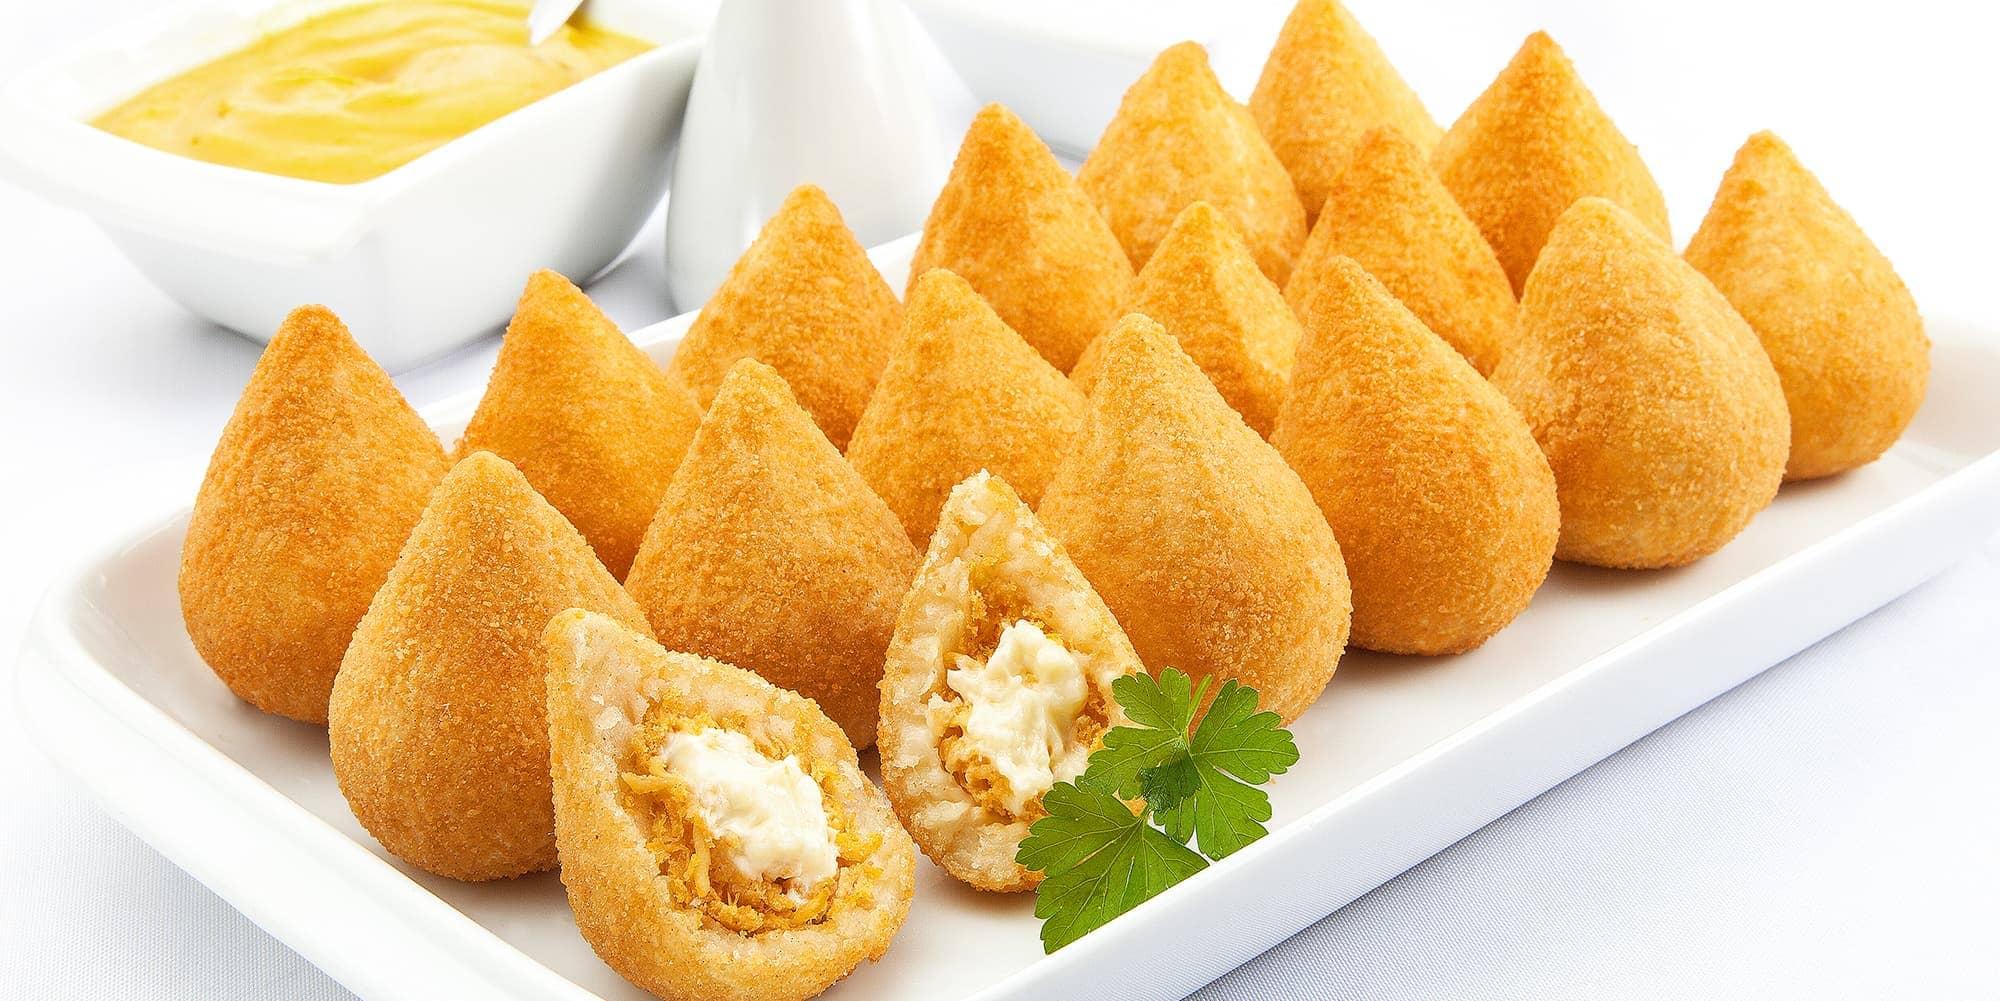 Maricota Alimentos - Pão de Queijo Tradicional